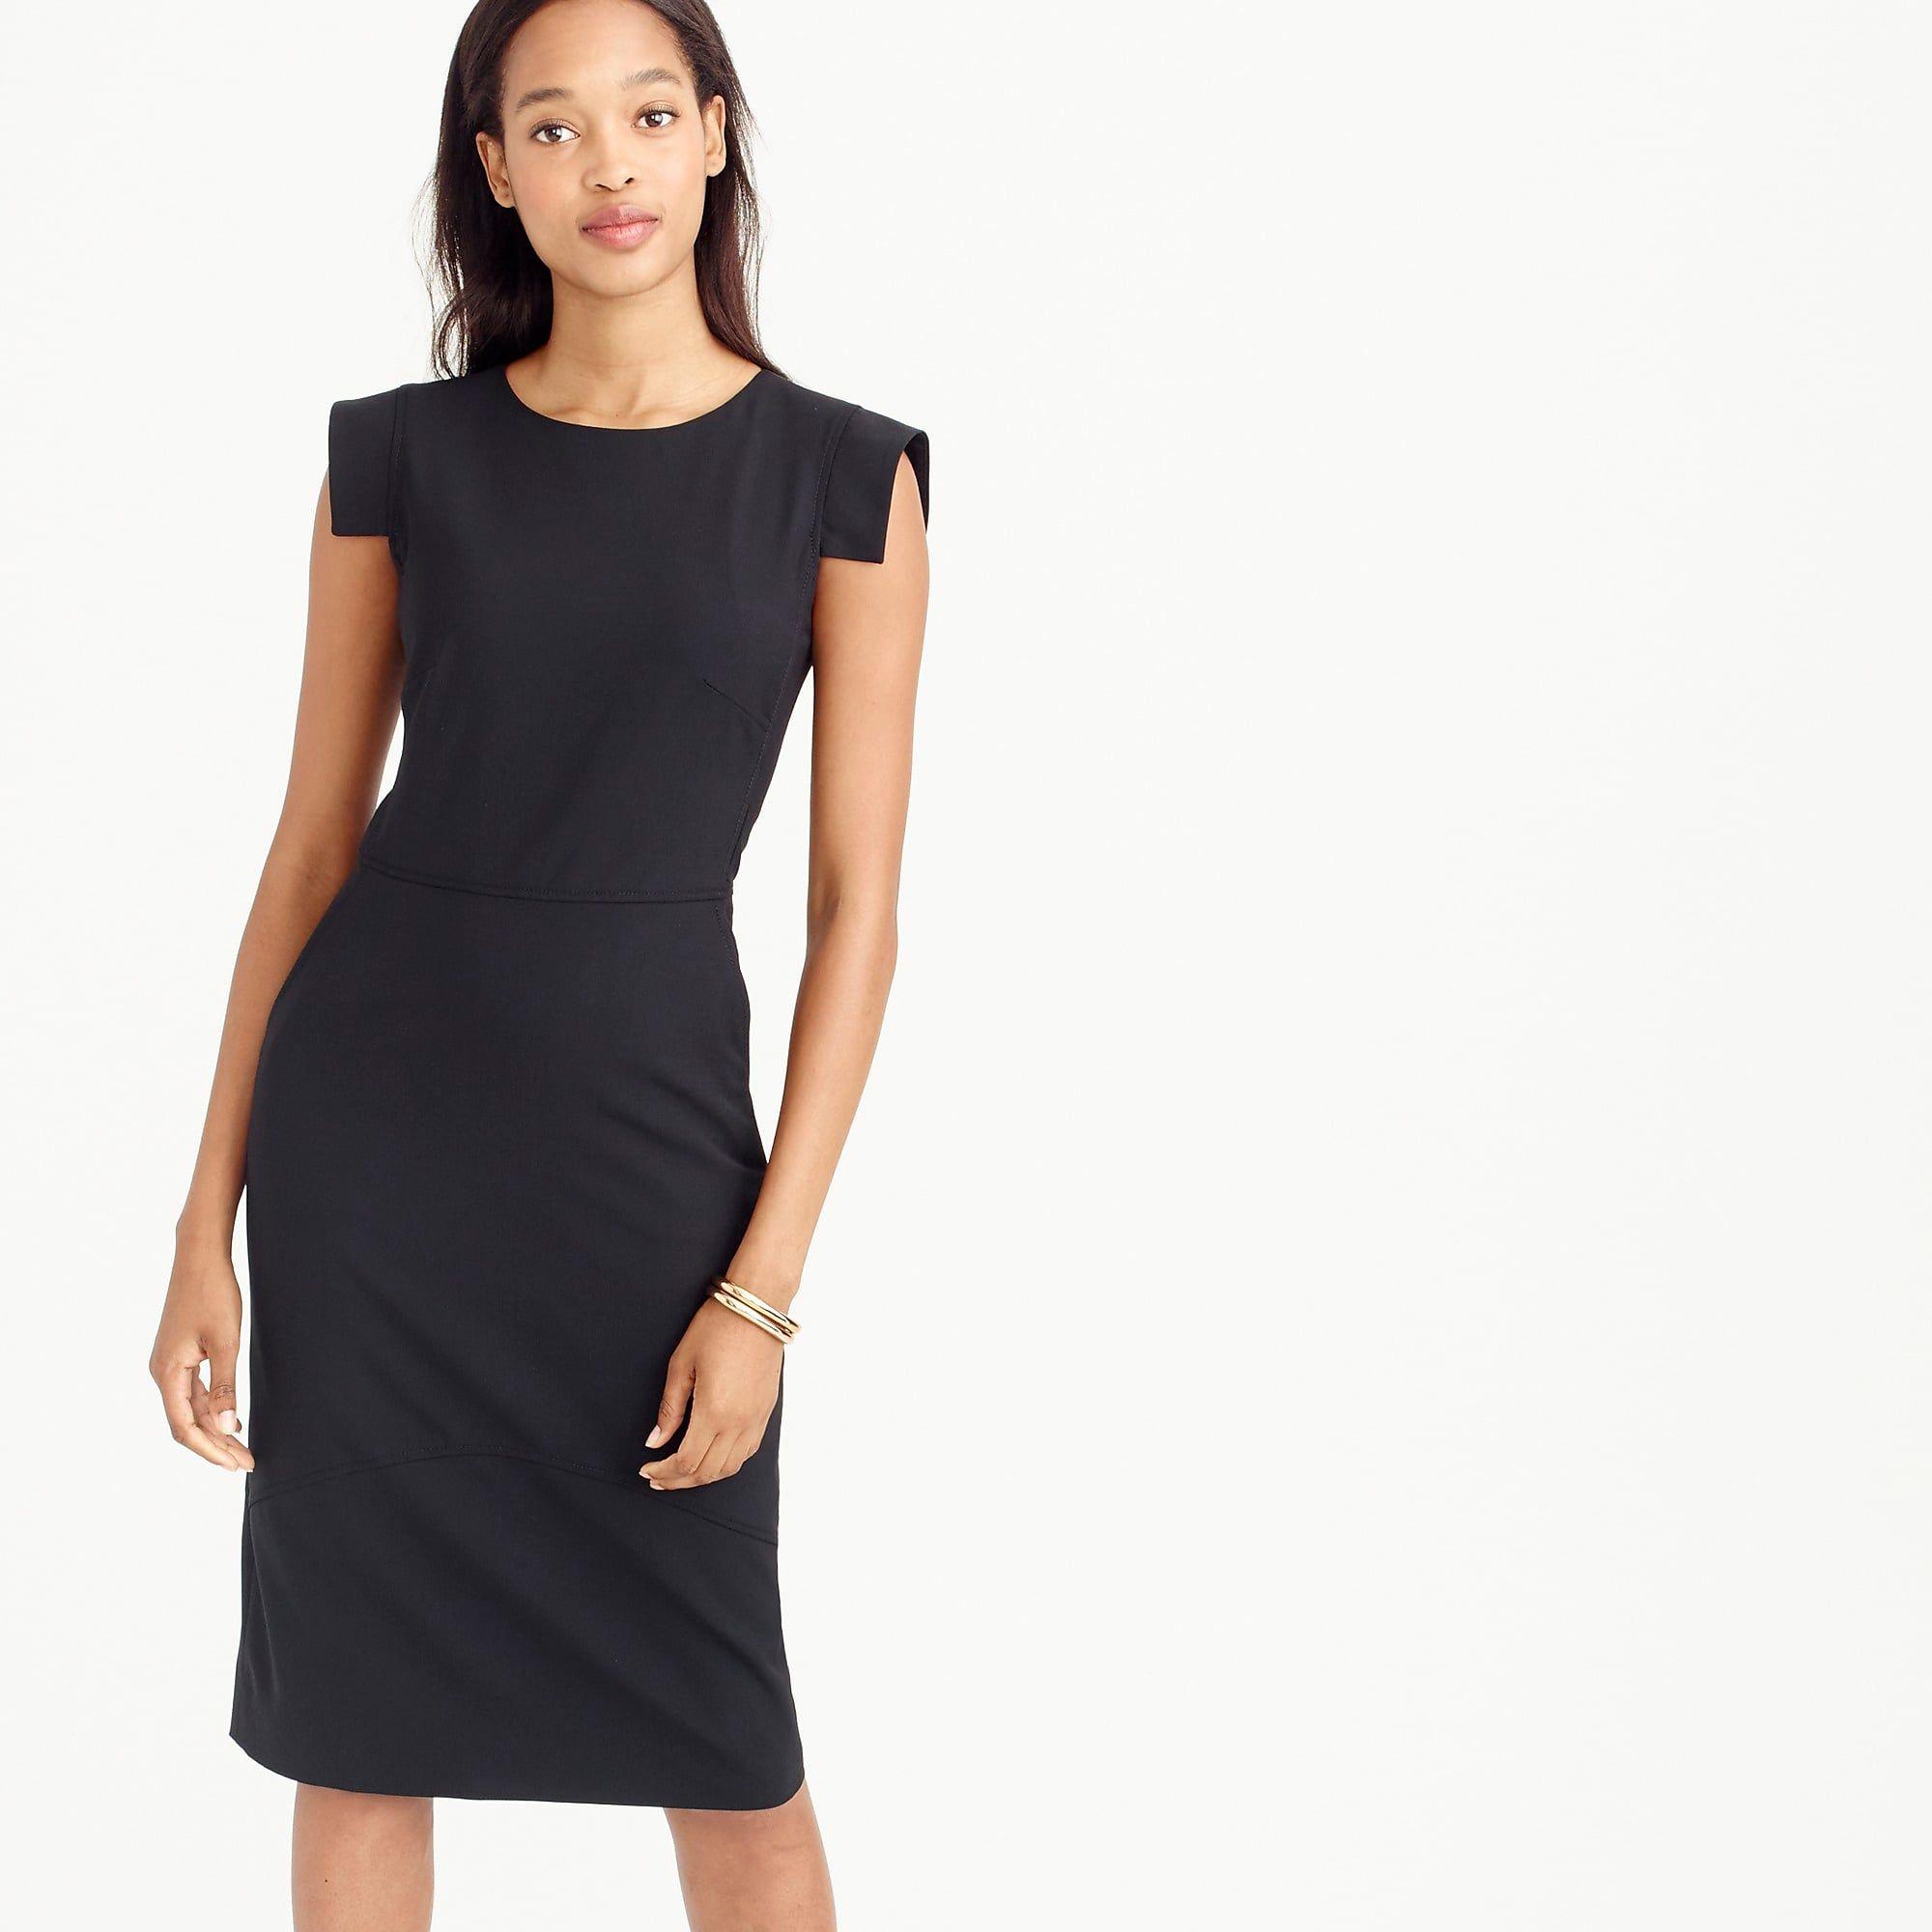 ebe8b164965 RÉSumÉ Dress   Women s Suit Dresses